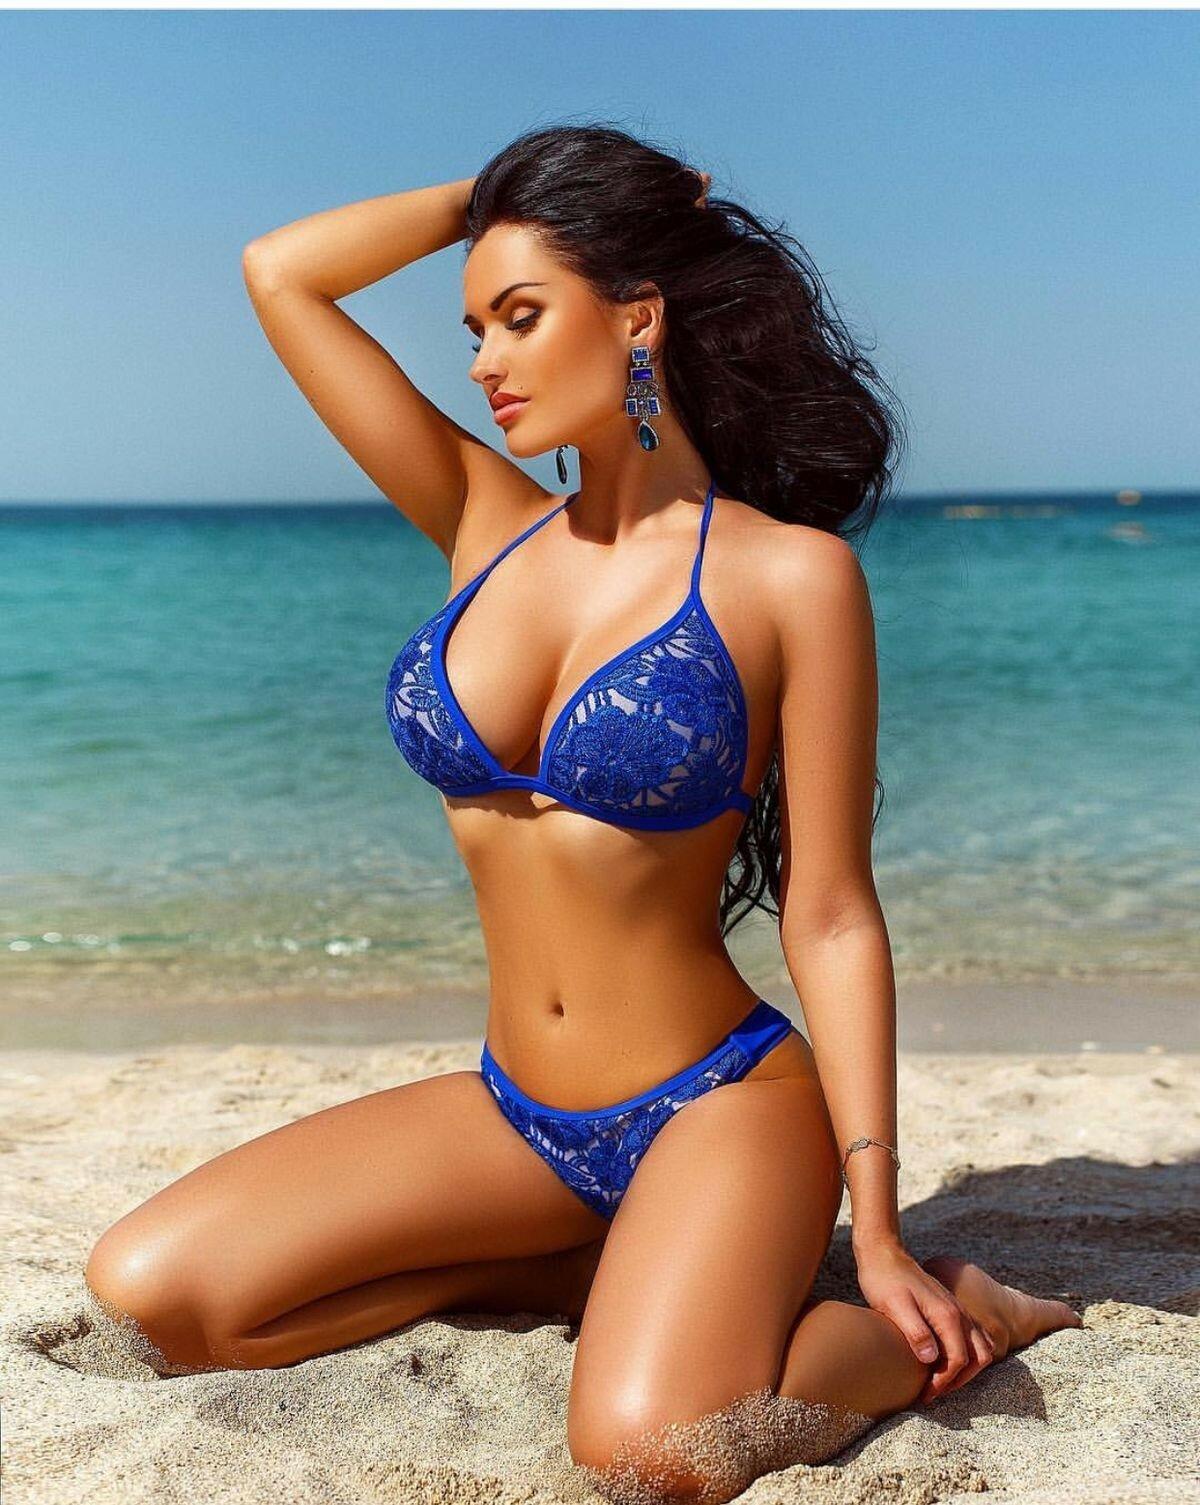 Hot bikini girl posters 2